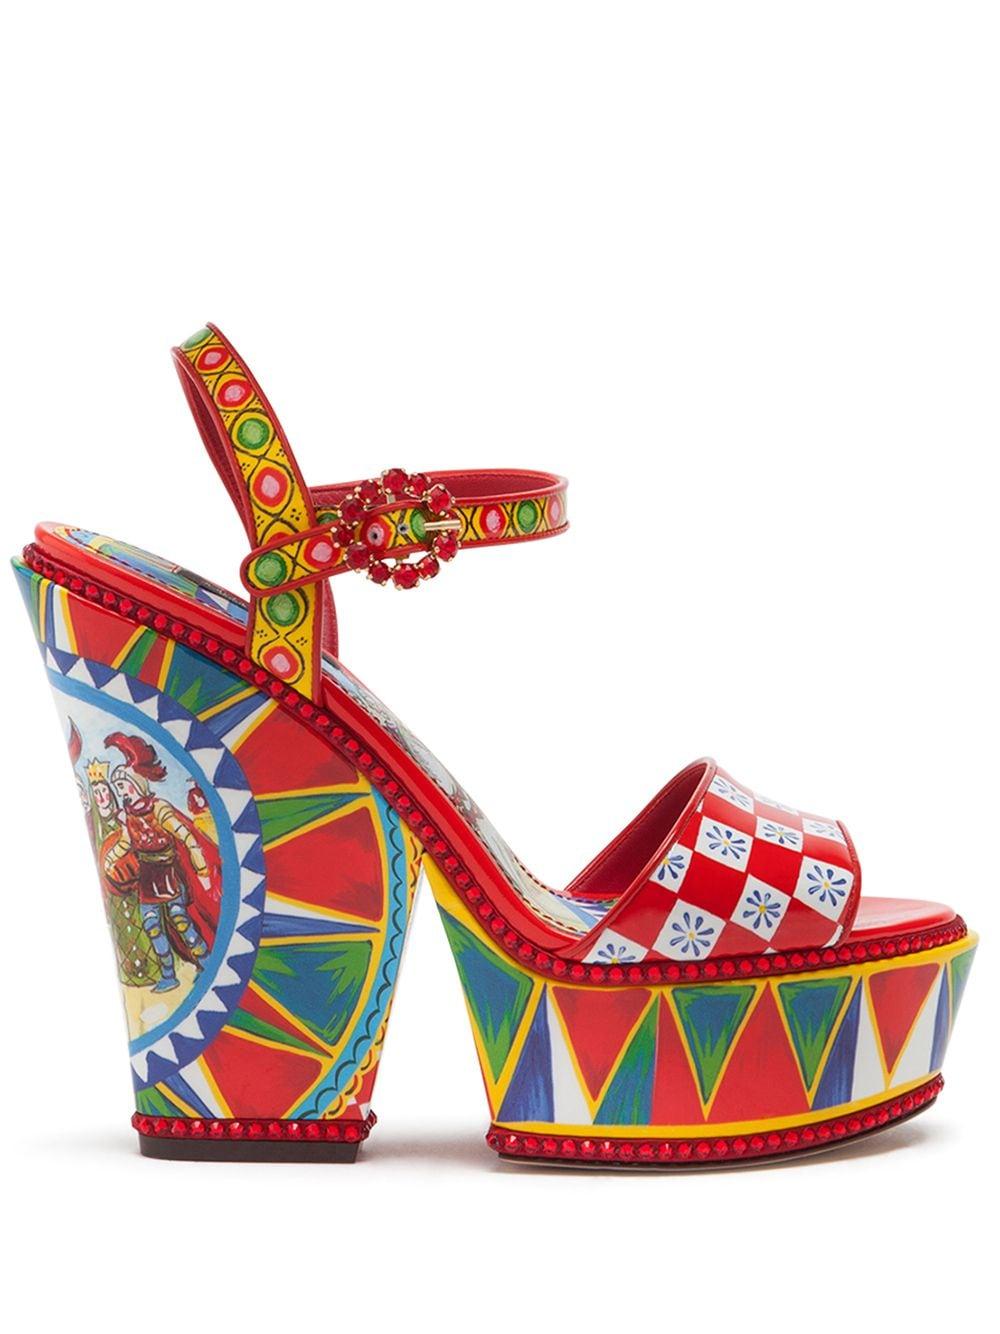 Dolce & Gabbana 'Bianca' Sandalen - Rot